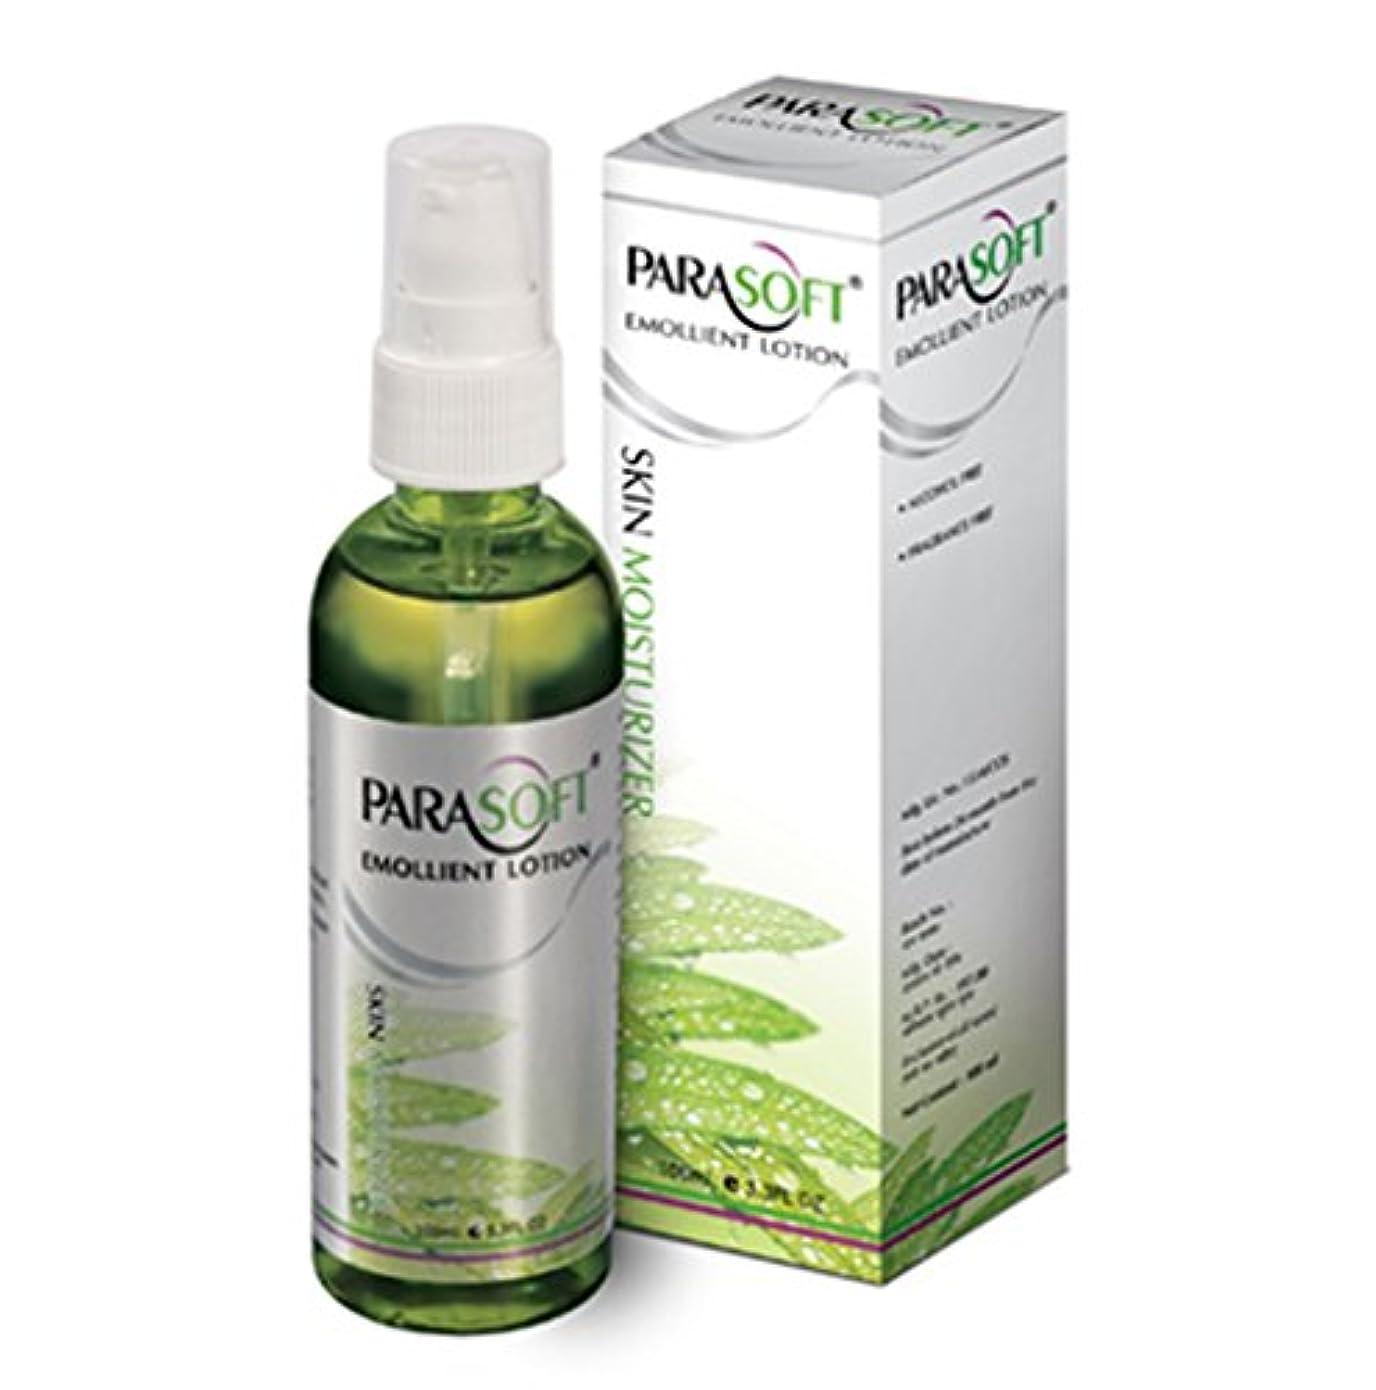 酔った委任する肌Paraffin Lotion Grapeseed, Jojoba, Aloevera, Avocado, Olive Oil Dry Skin 100ml